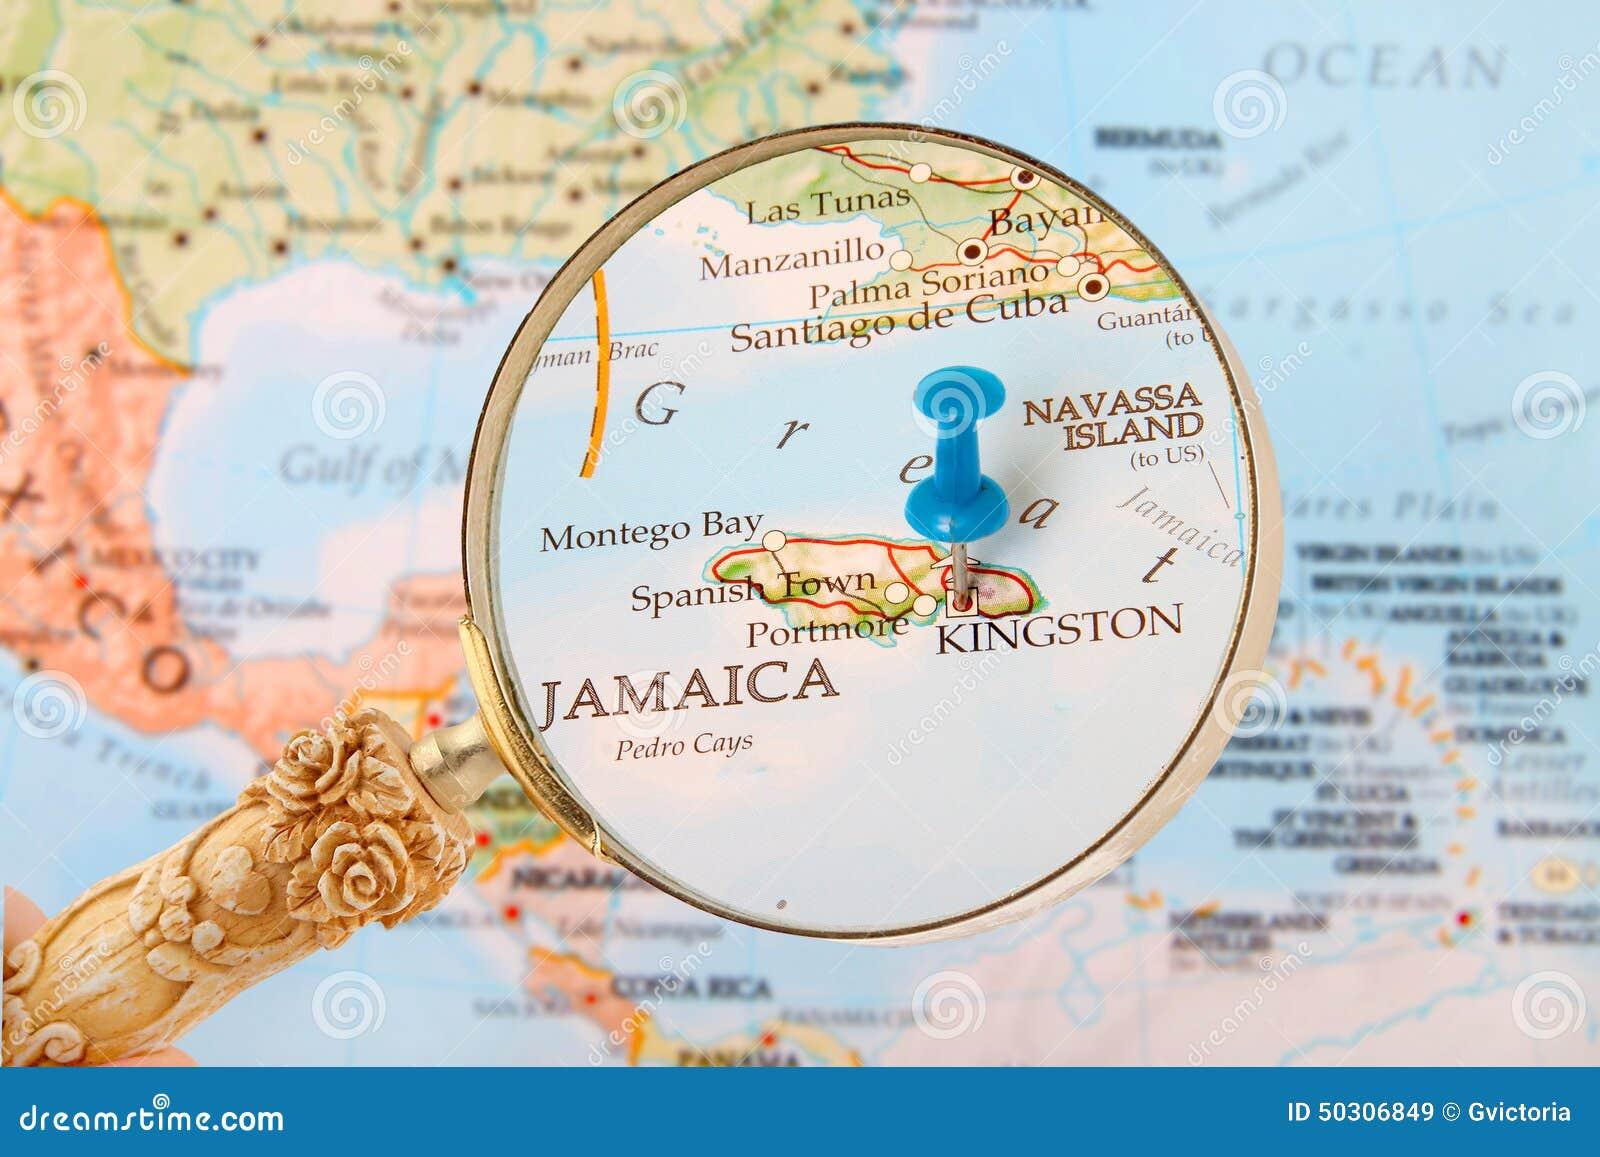 Kingston, Jamajka mapa